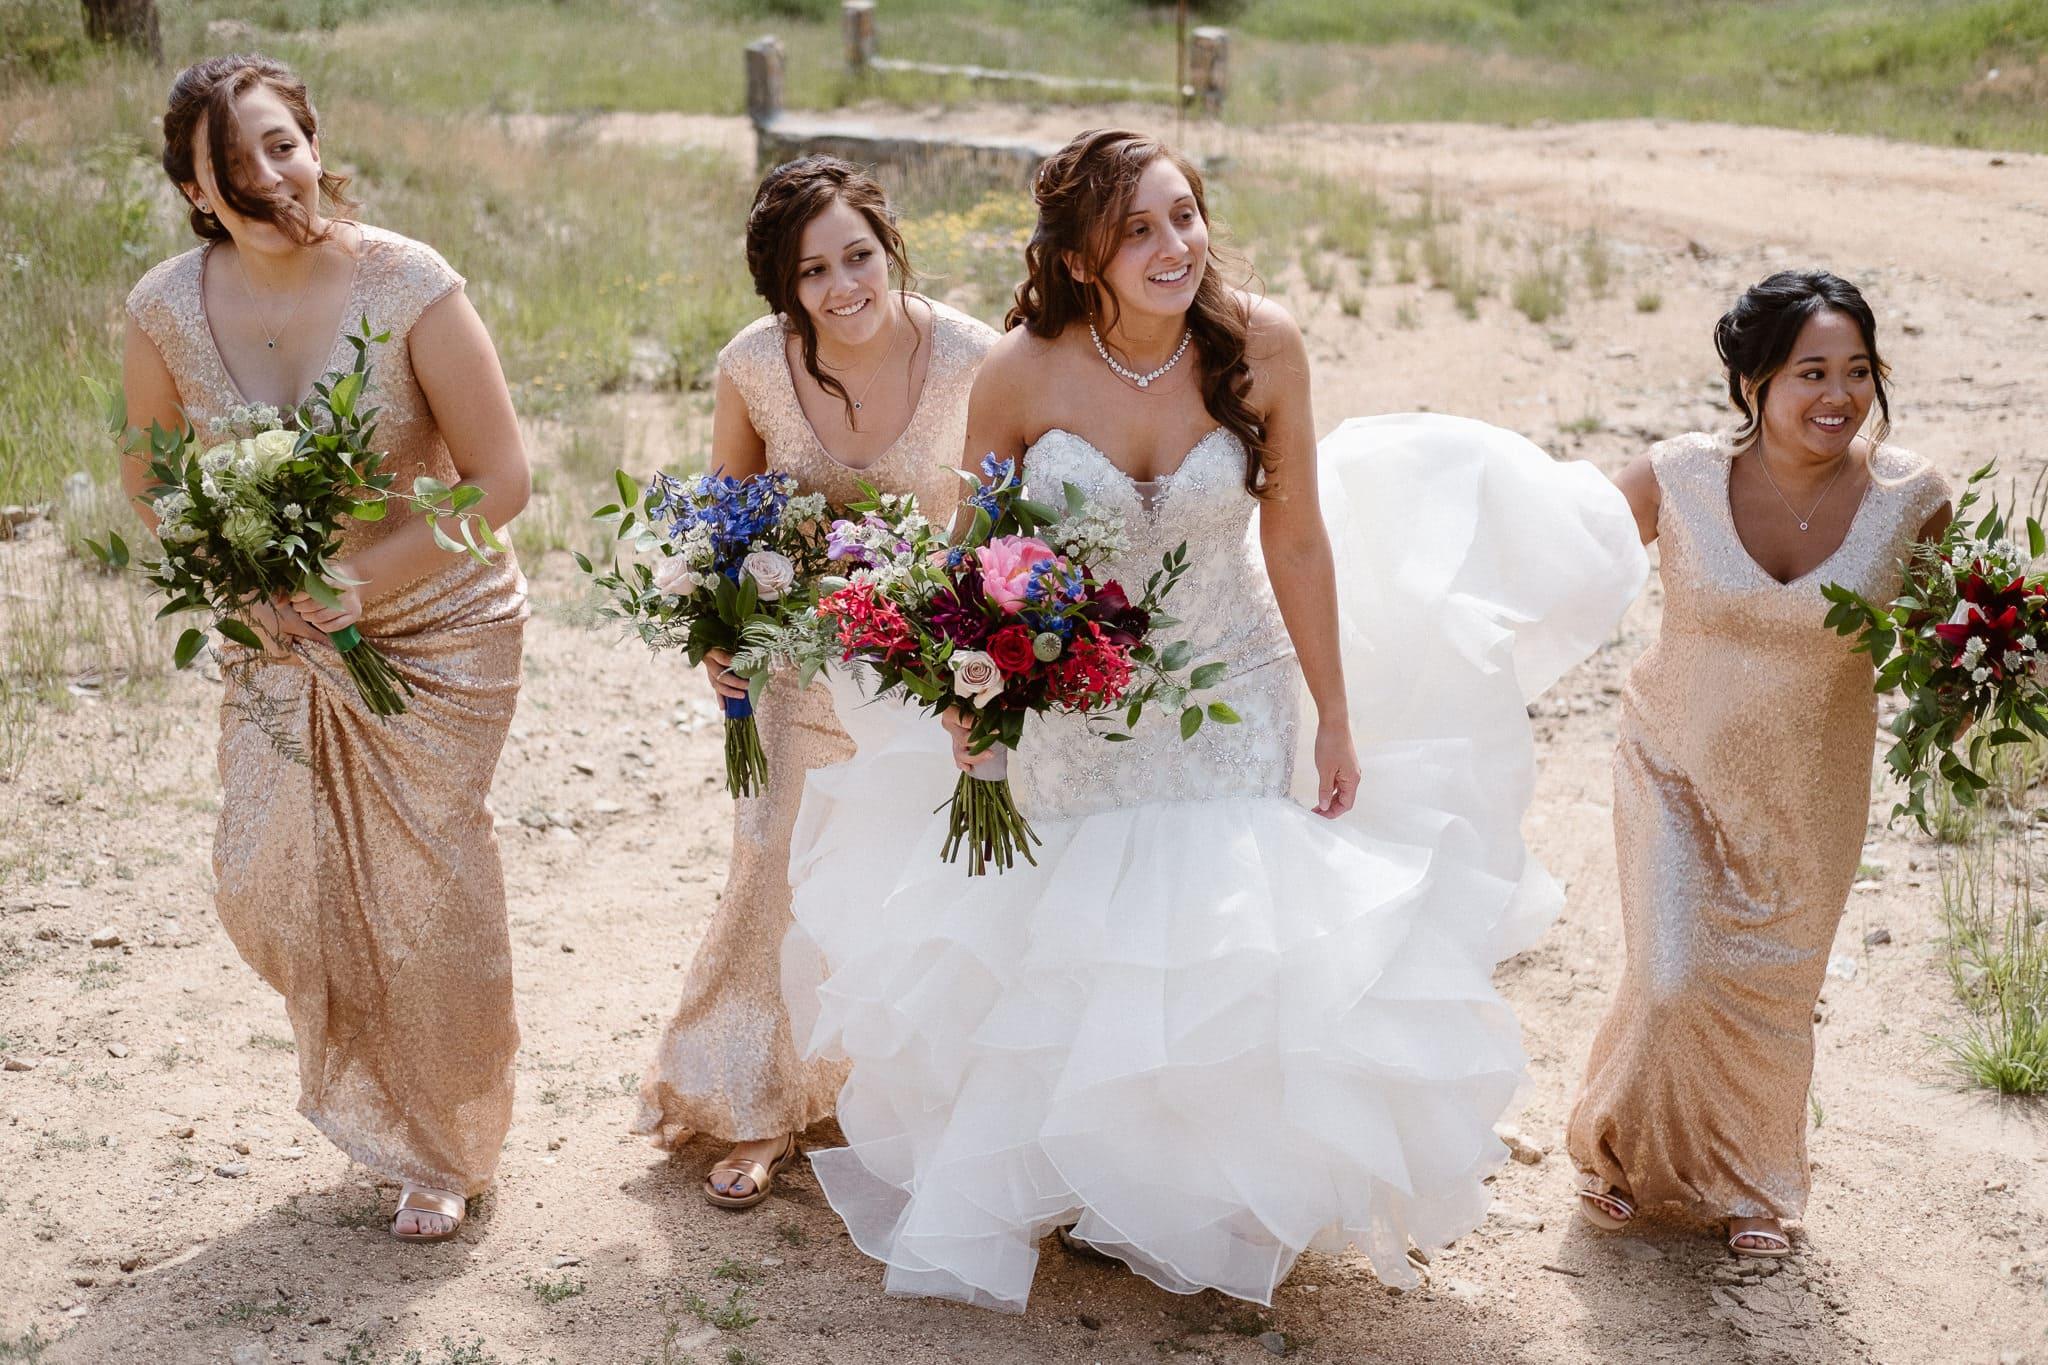 Dao House wedding photographer, Estes Park wedding venue, Colorado mountain wedding, bride and bridesmaids walking